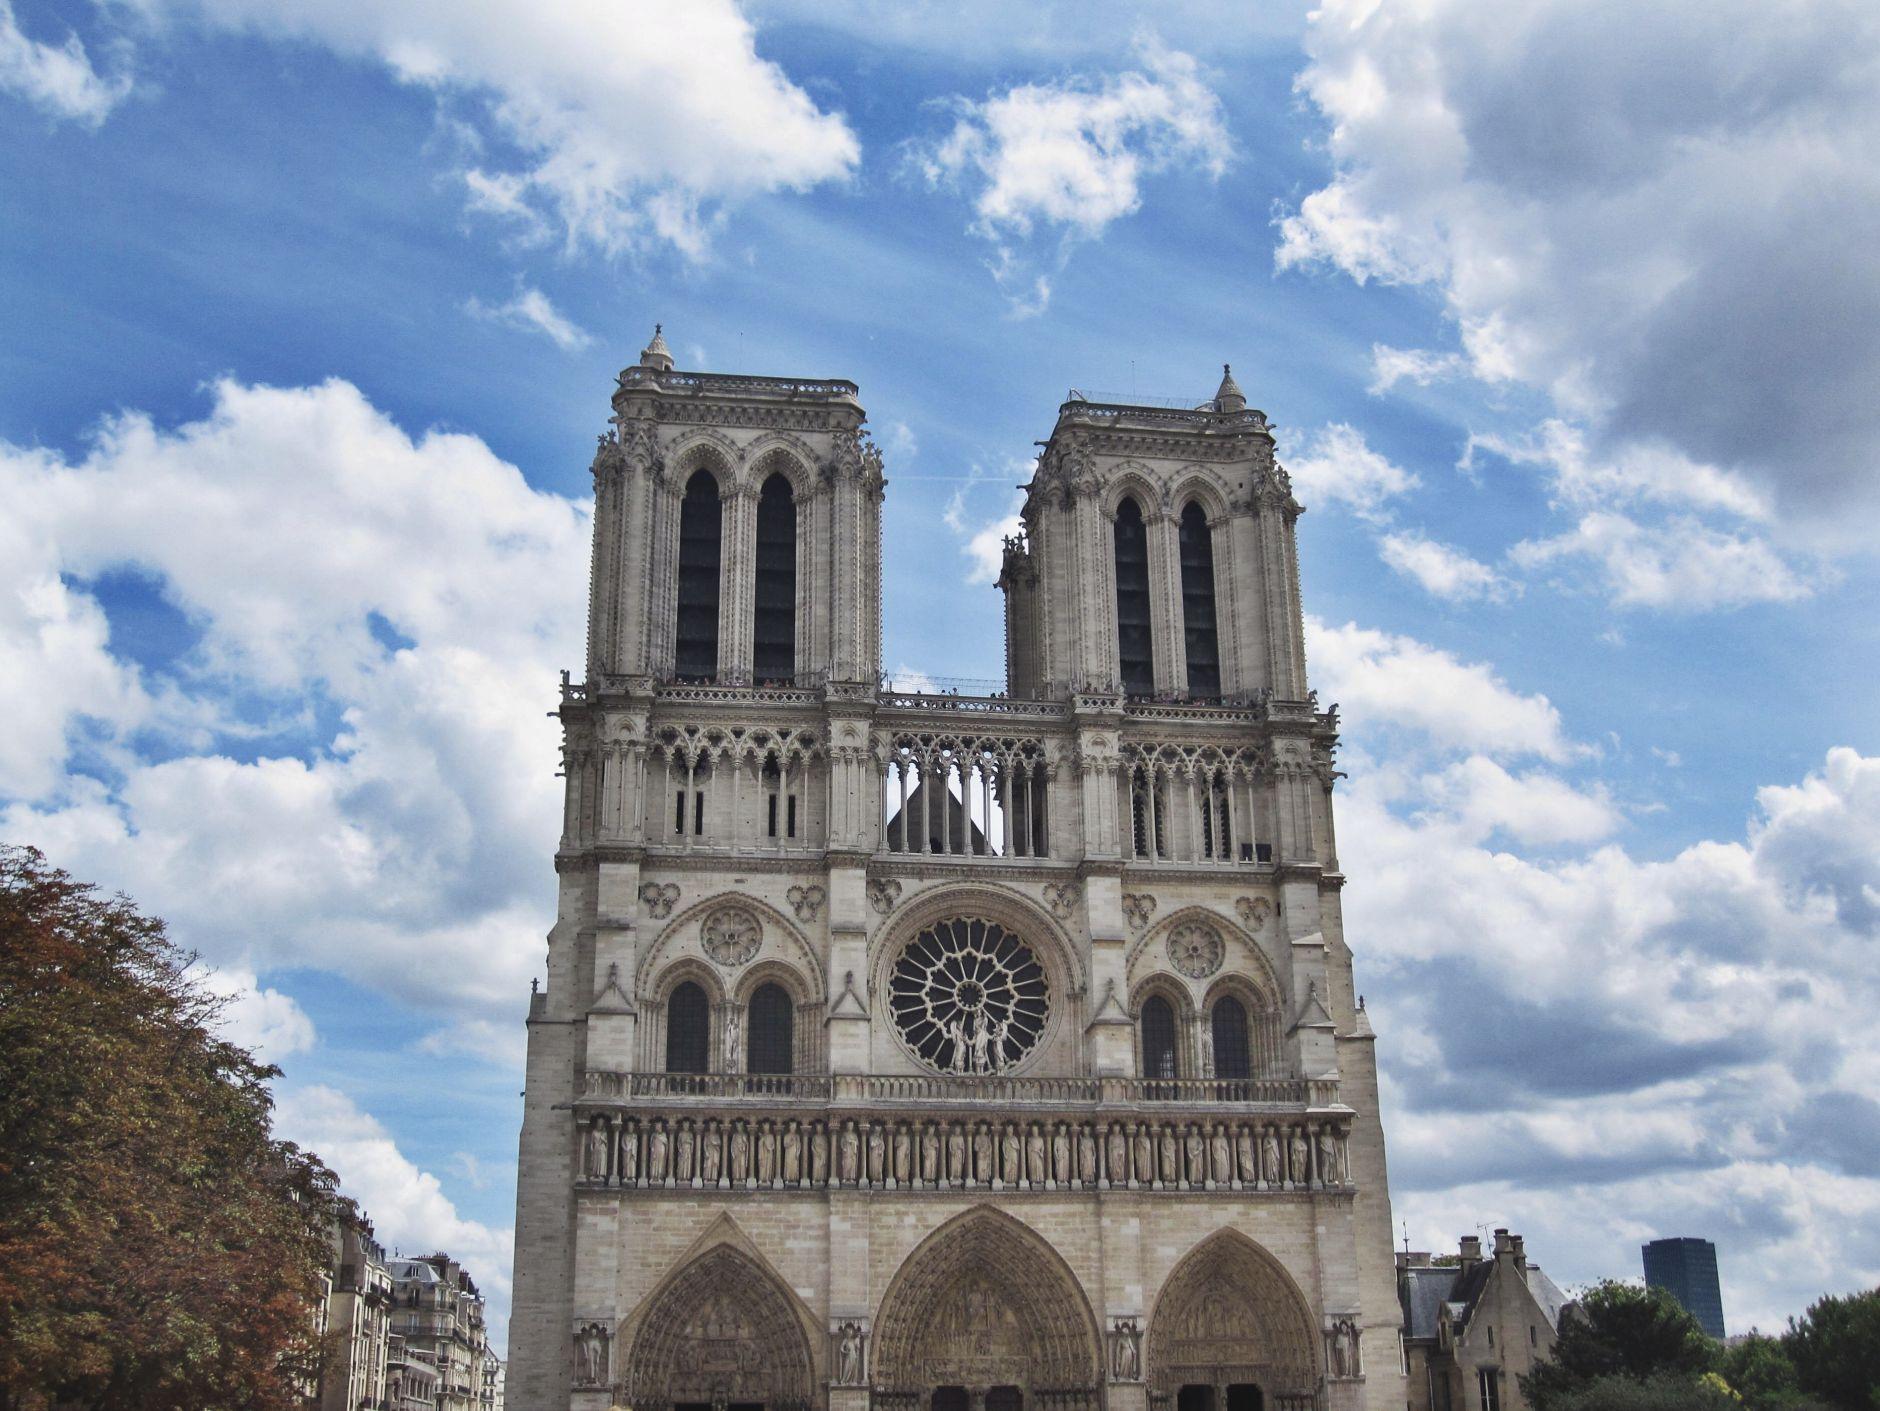 Cathédrale-Notre-Dame-de-Paris-France-Disi-Couture-01